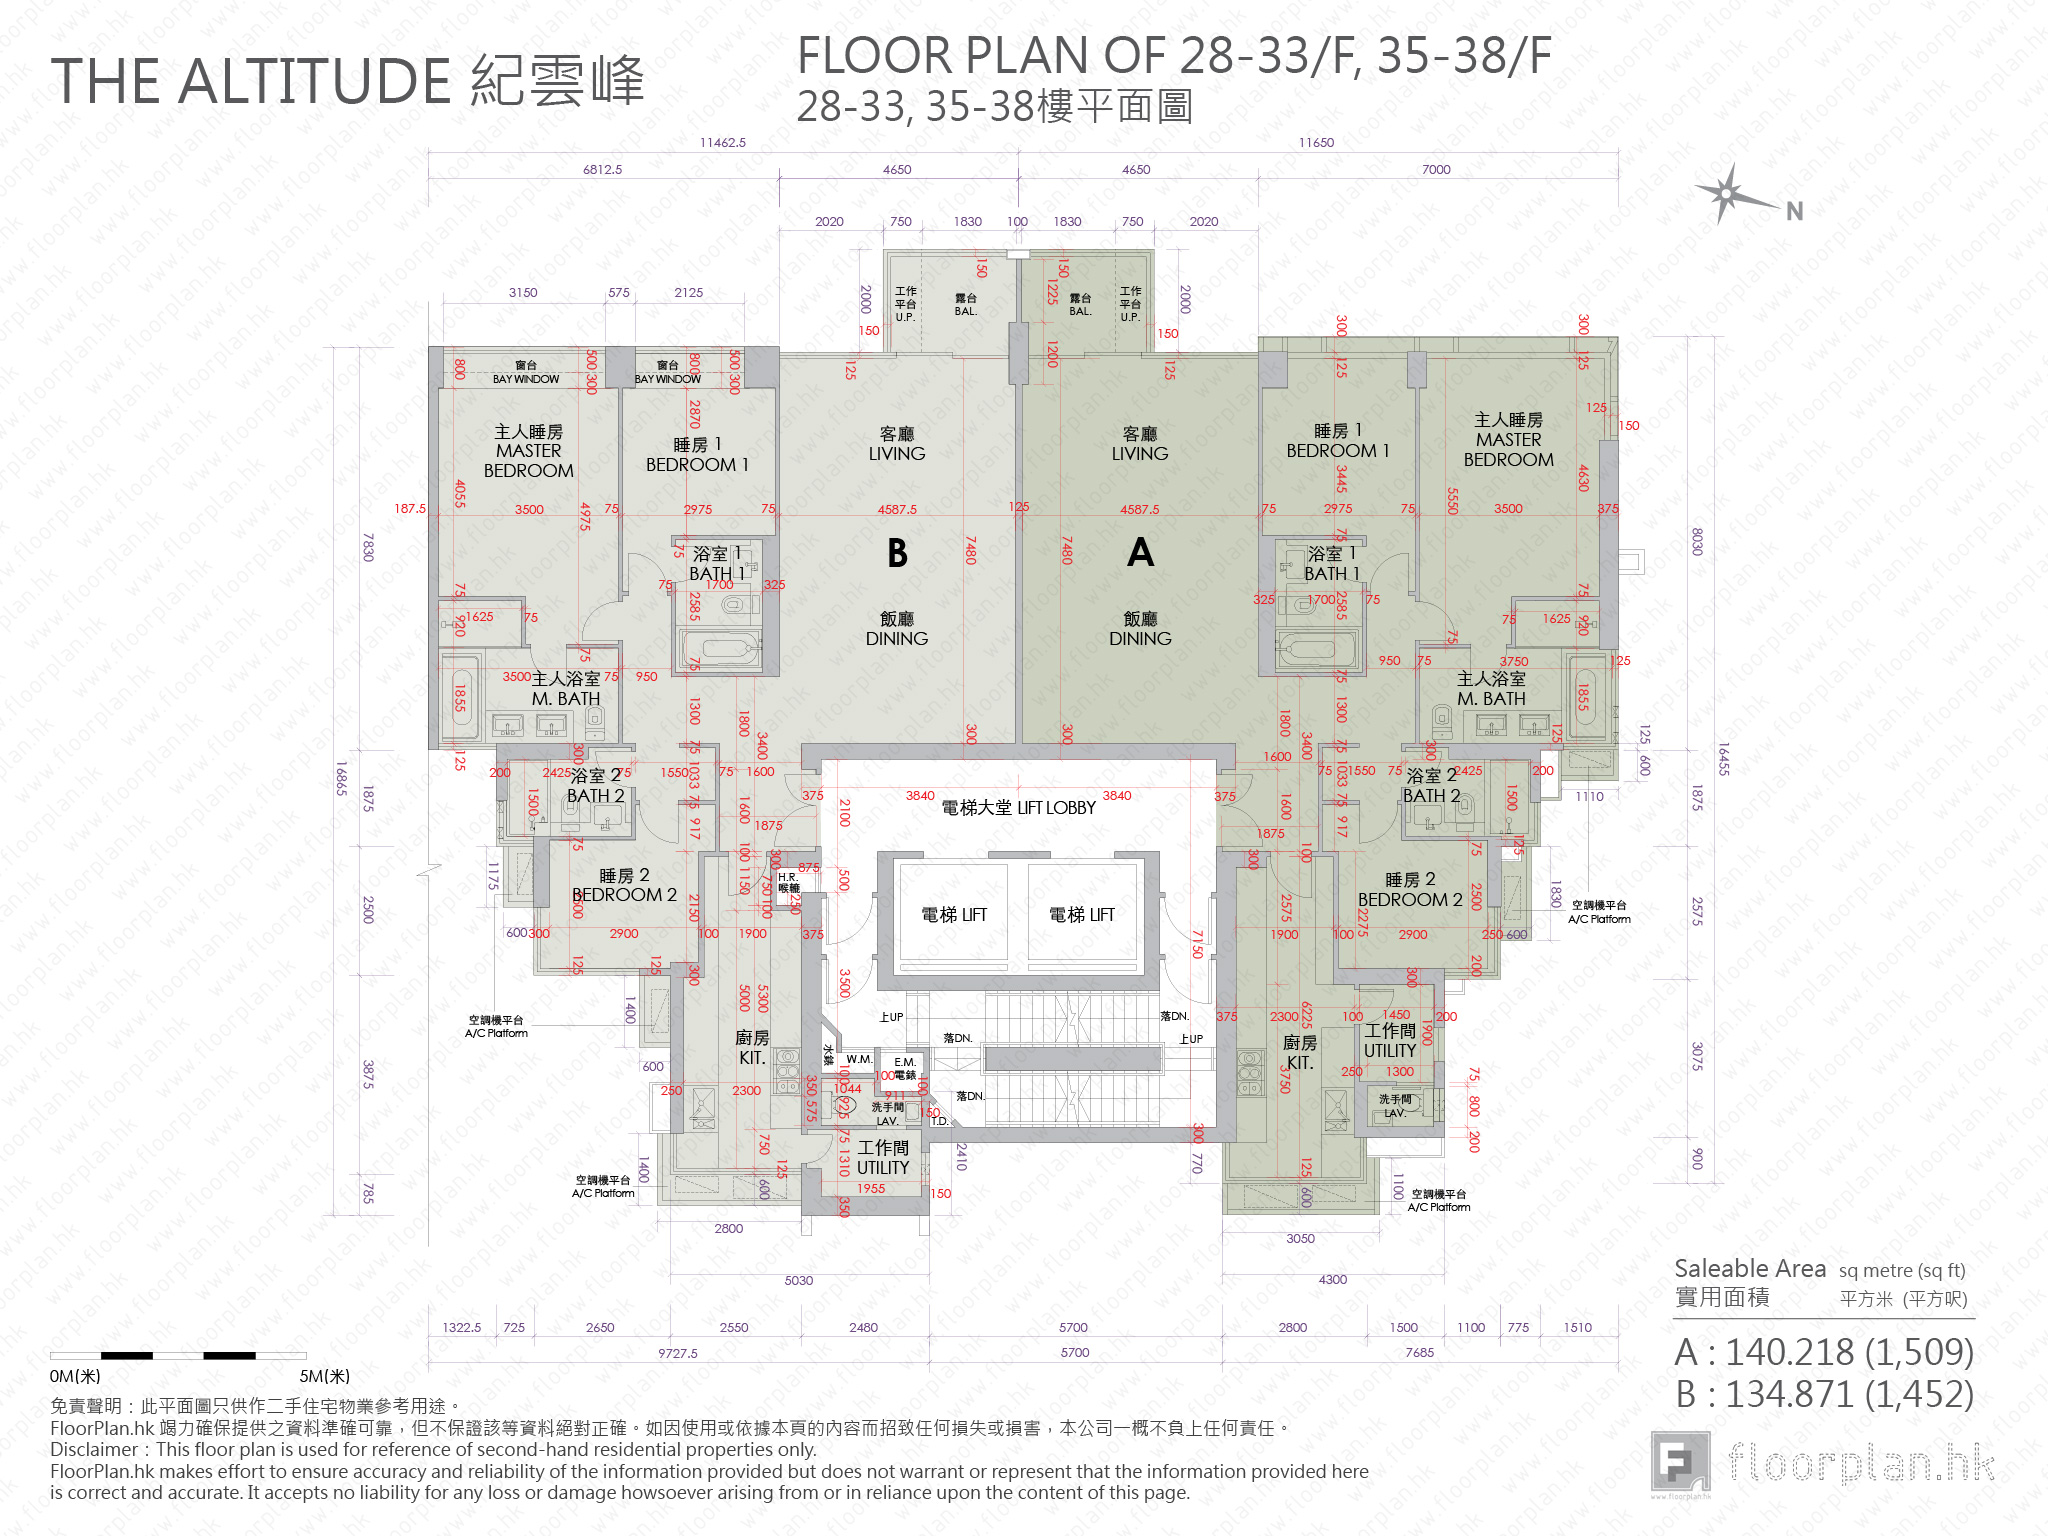 紀雲峰 – 平面圖 FloorPlan.hk